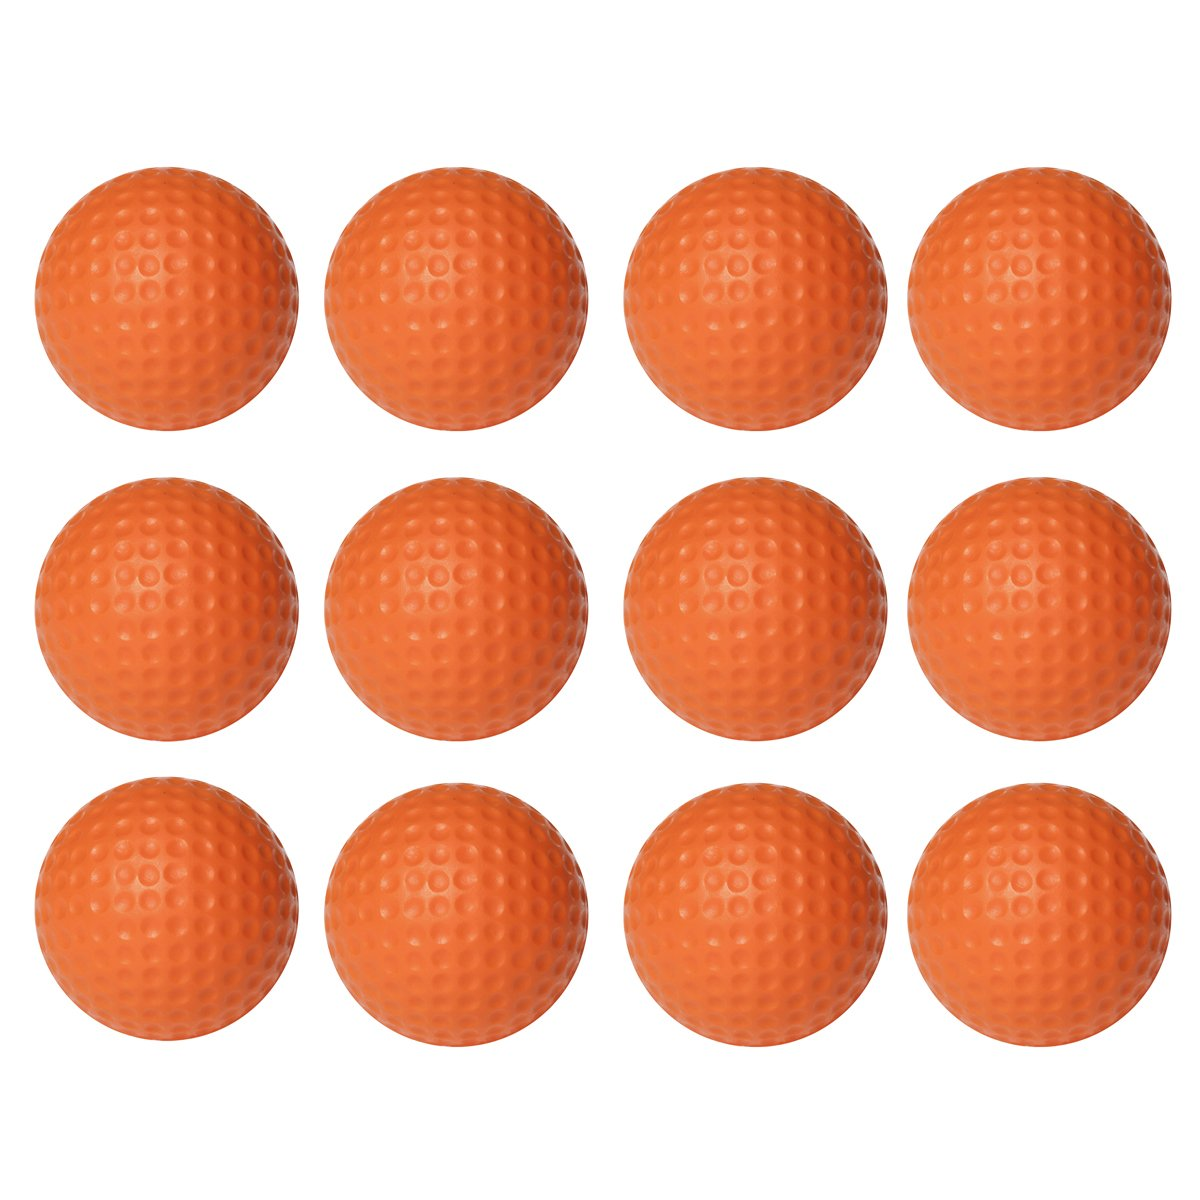 WINOMO練習ゴルフボールPU Golfballsインドアアウトドアトレーニング12個(オレンジ)   B075BLQWQB